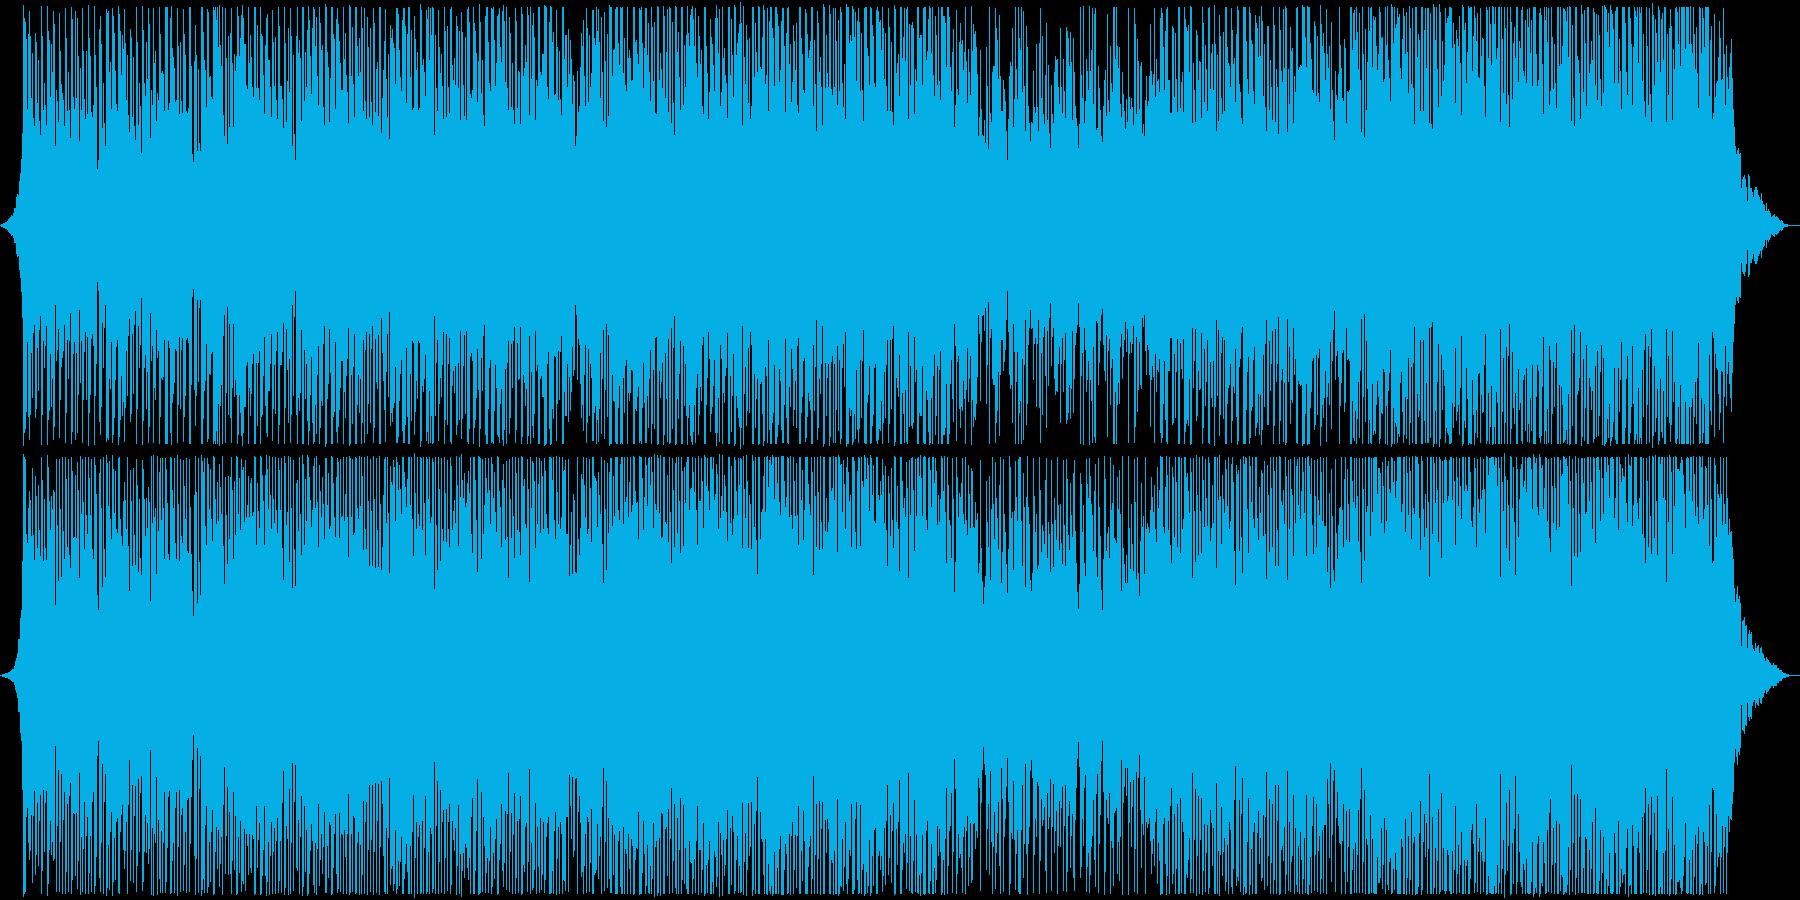 感動的で落ち着いた医療企業音楽の再生済みの波形